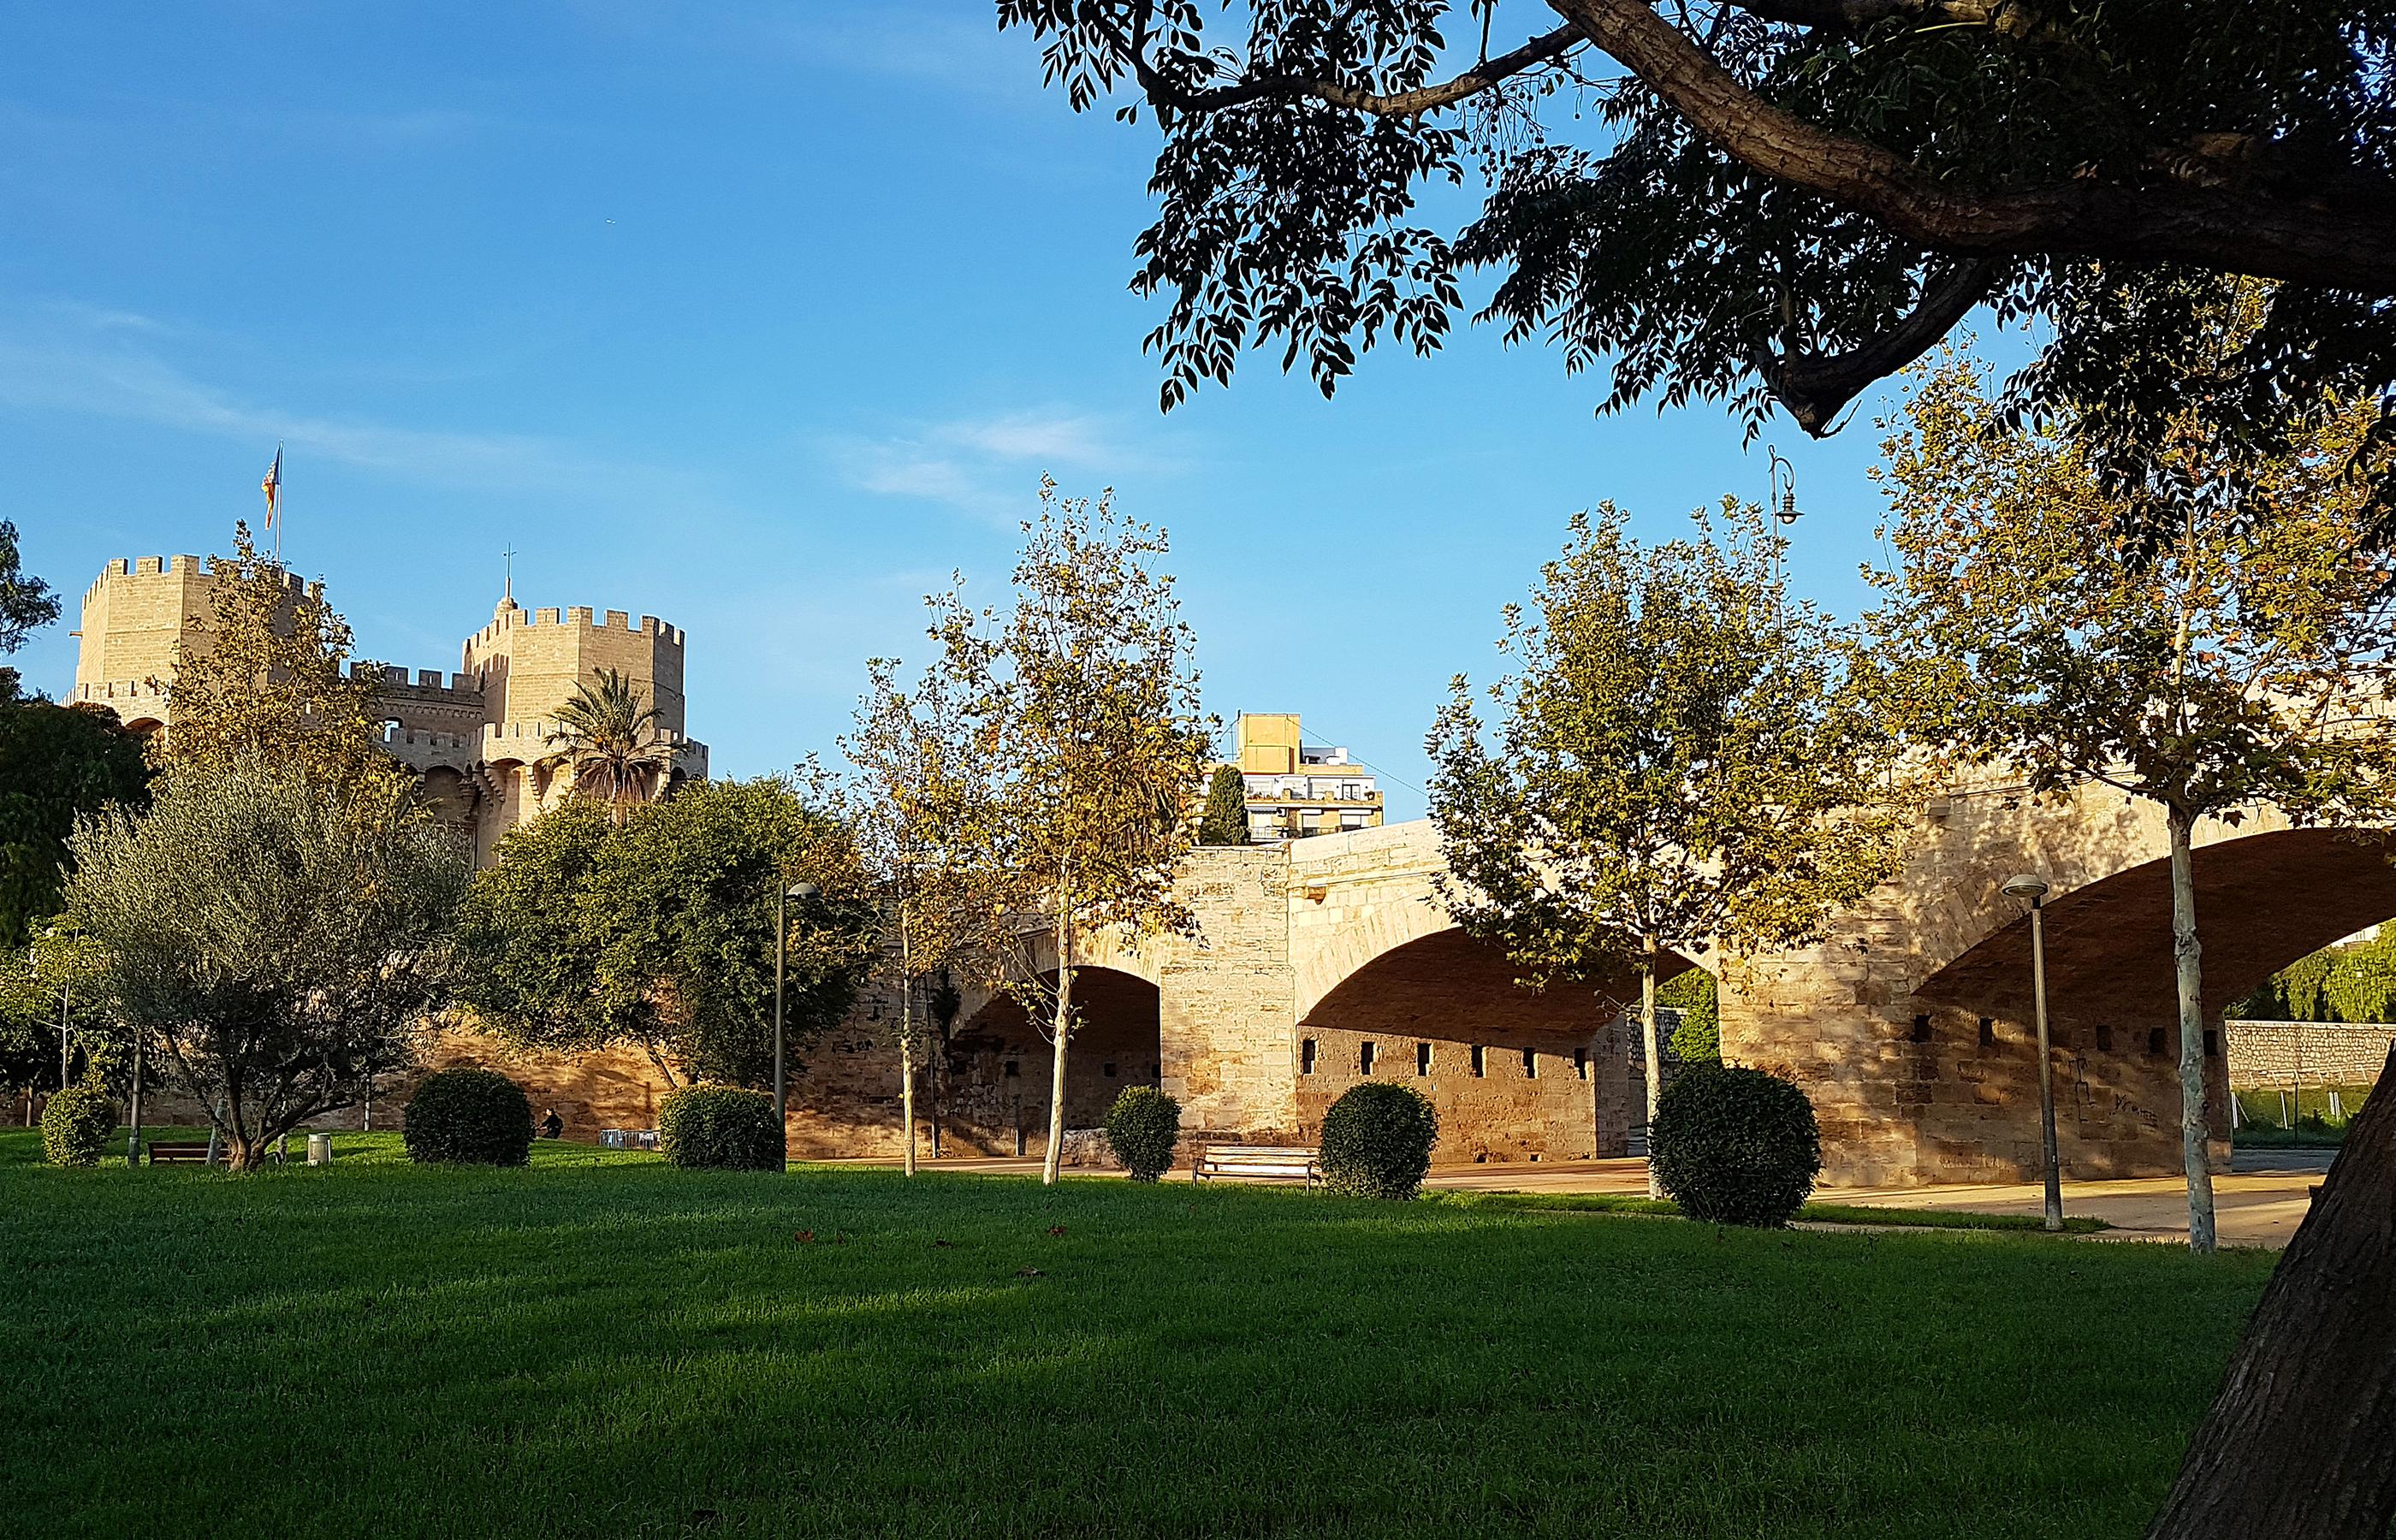 Мост Серранос в Валенсии (Puente de Serranos), перекинутый через реку Турия, был возведен в 1518 году.